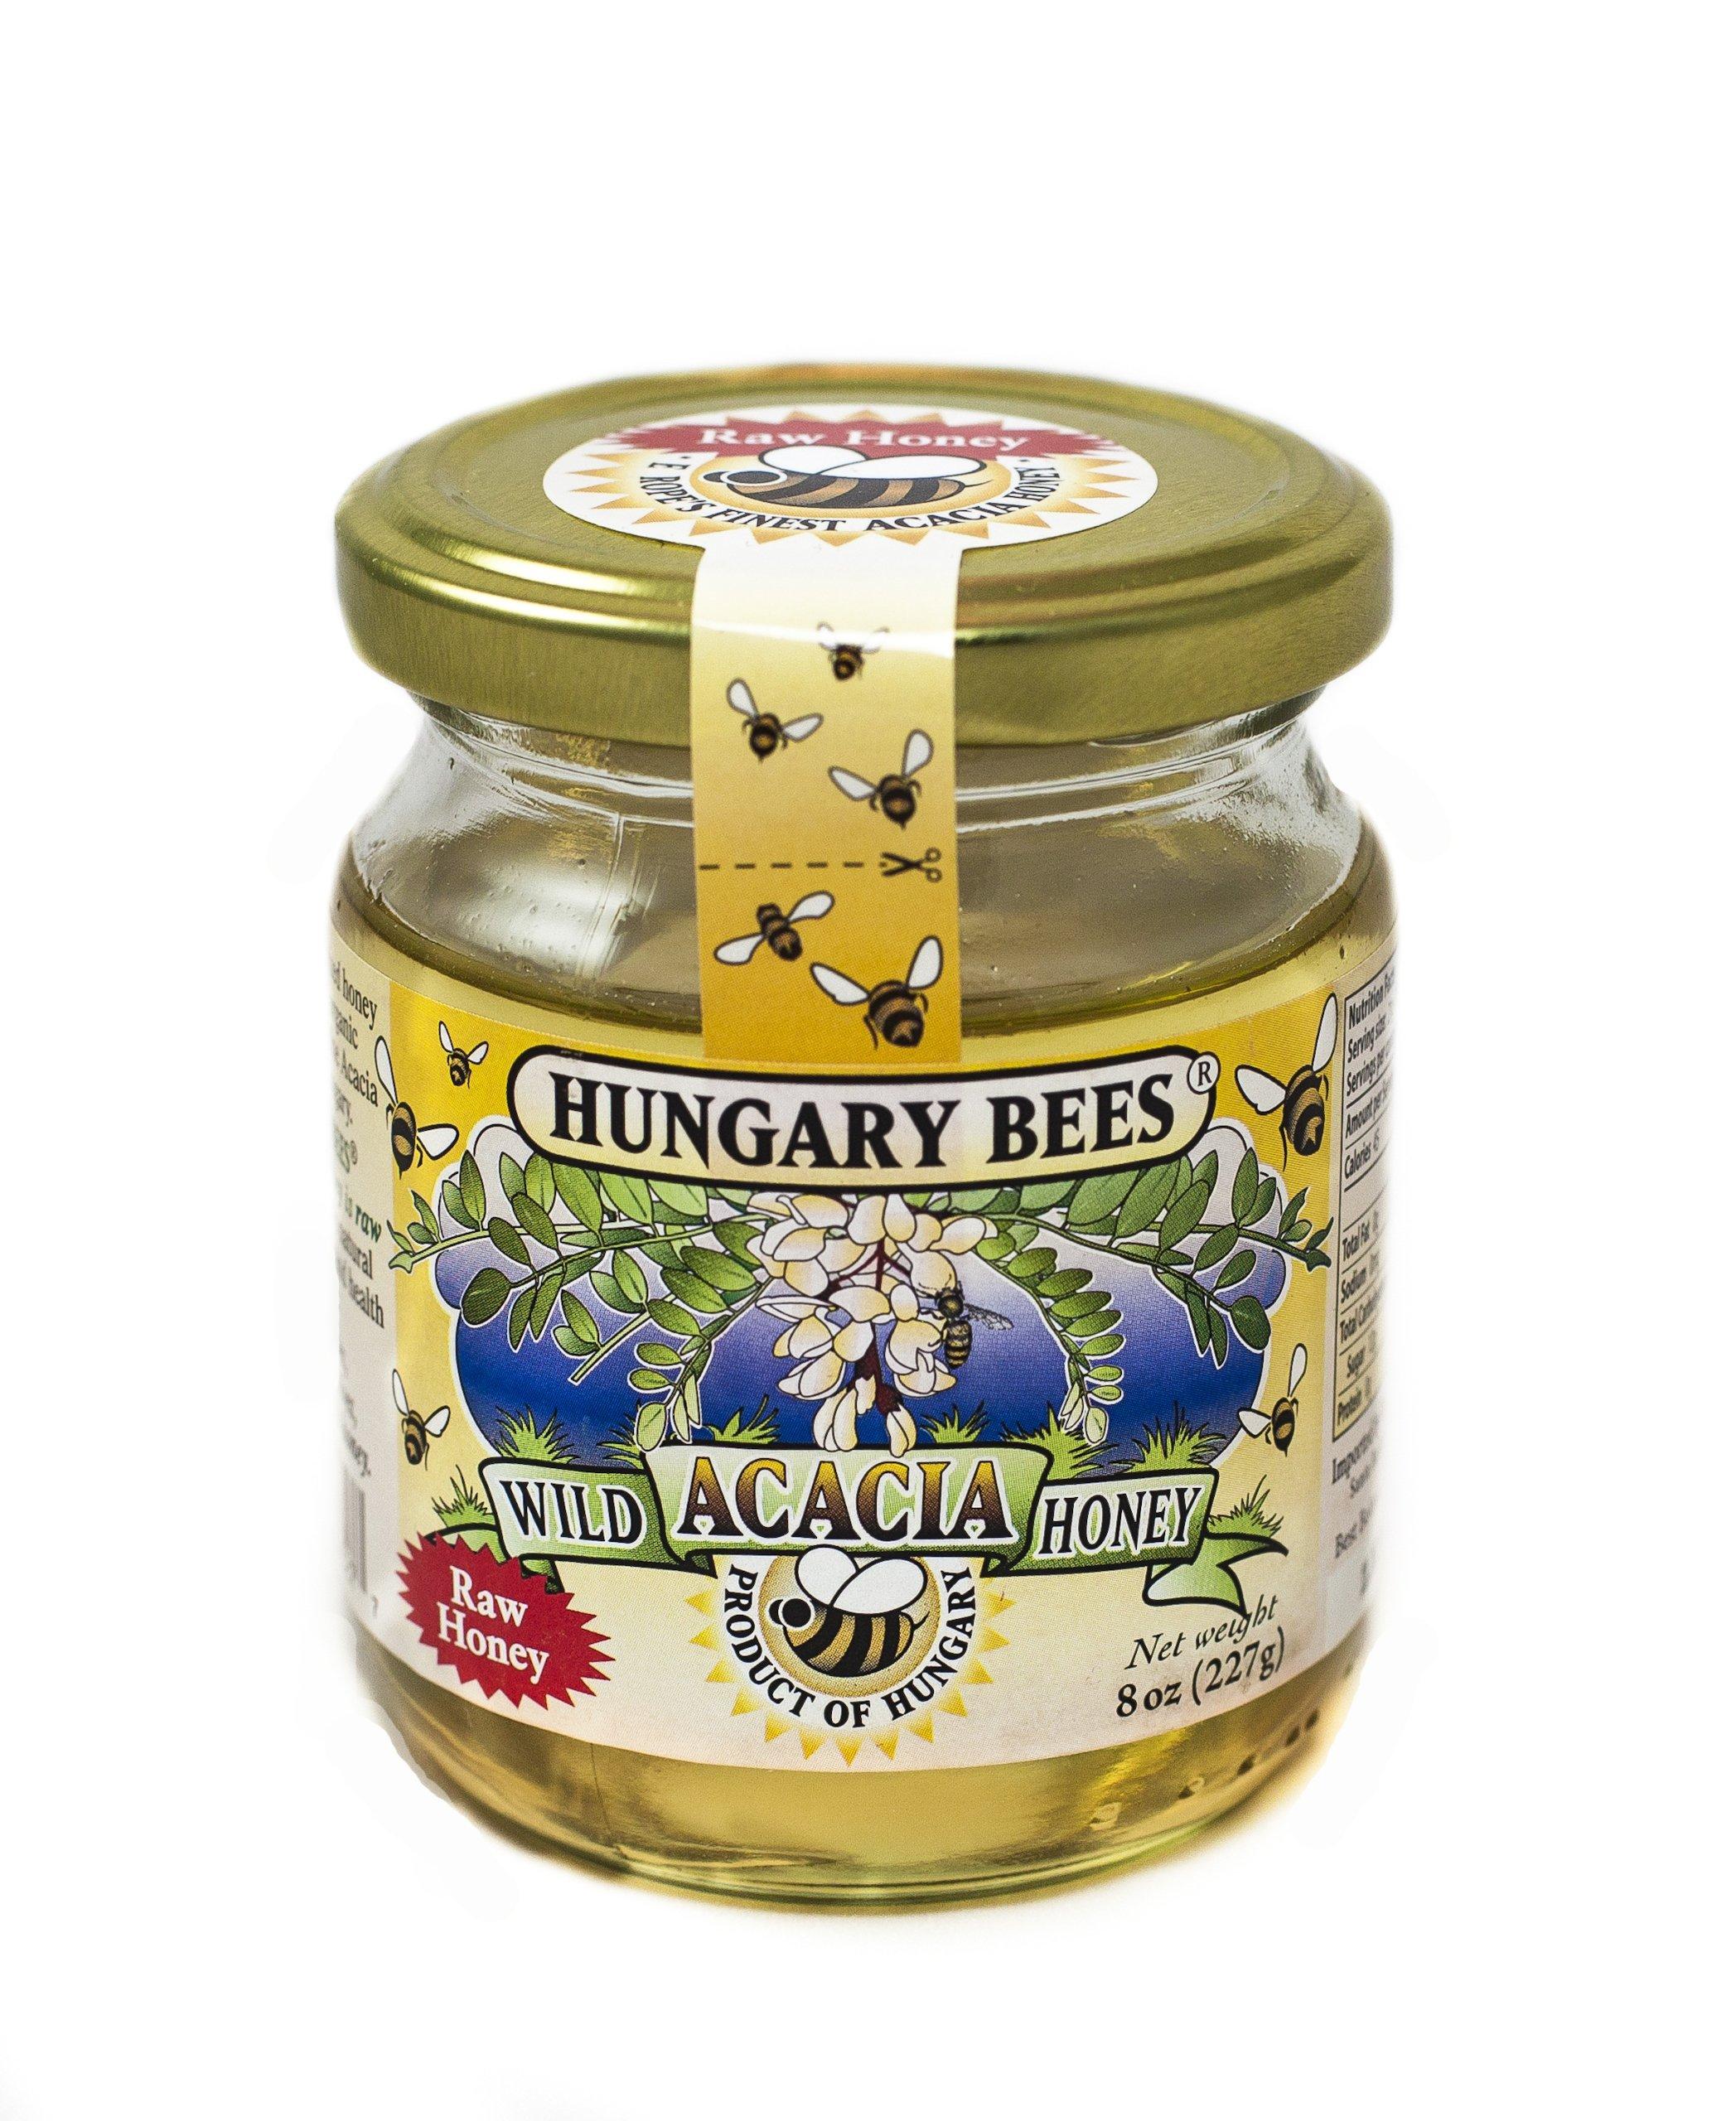 Hungary Bees Wild Acacia Honey 8oz